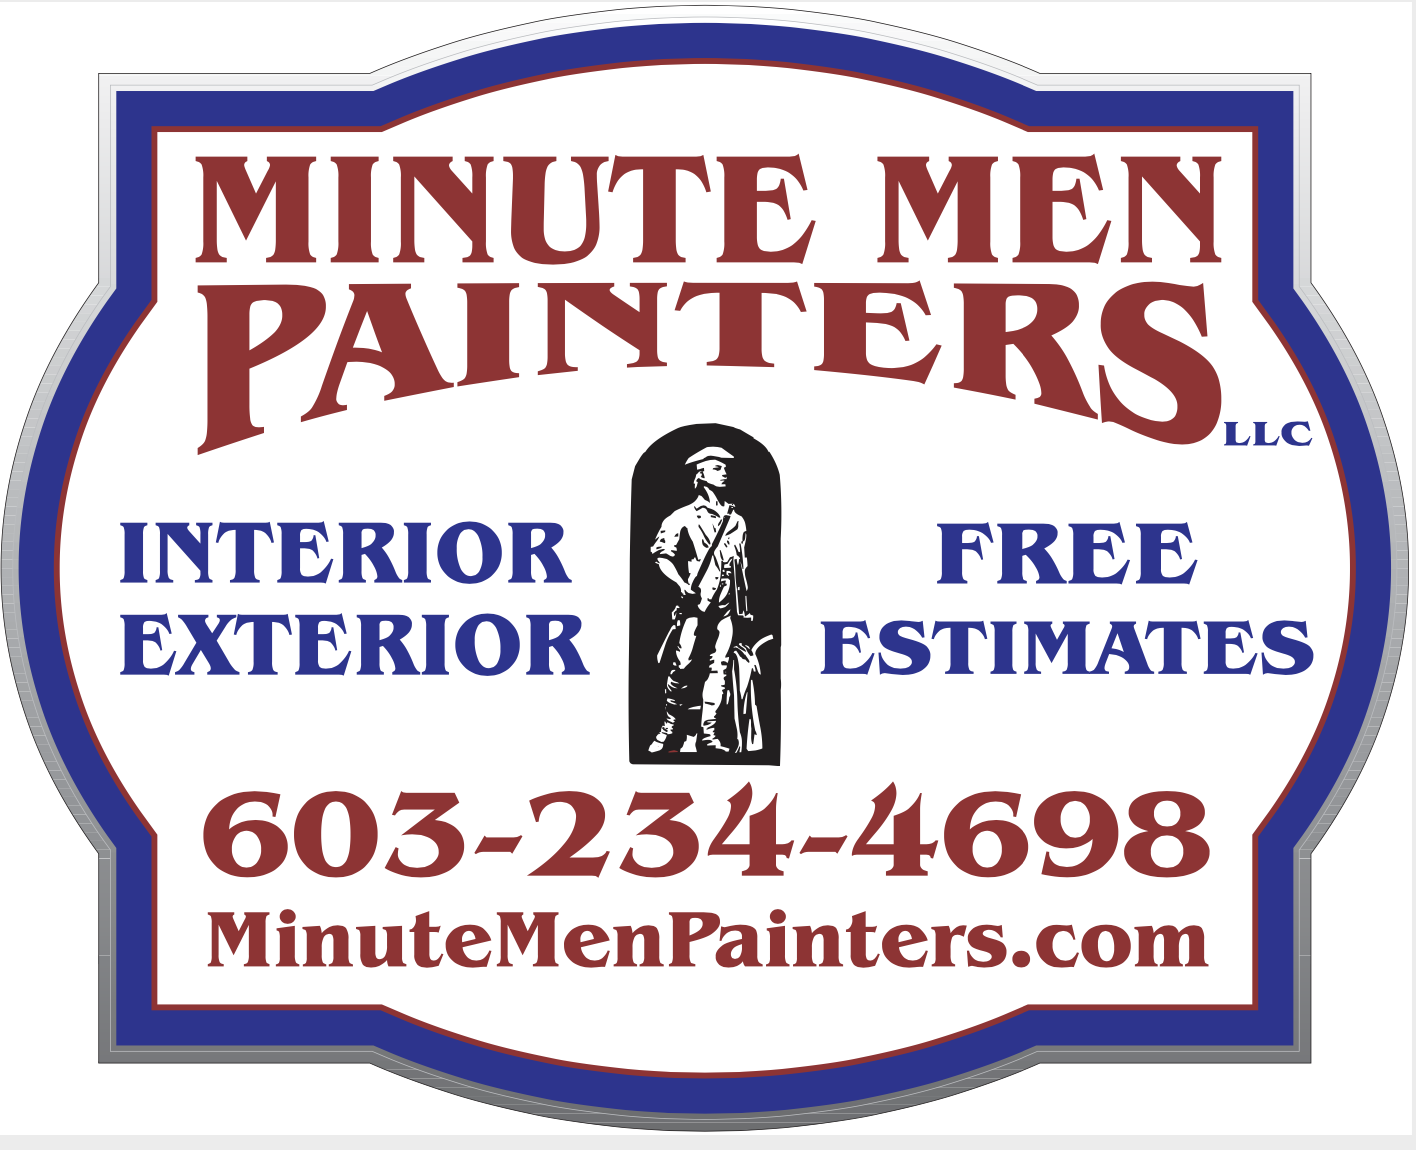 Minute Men Painters